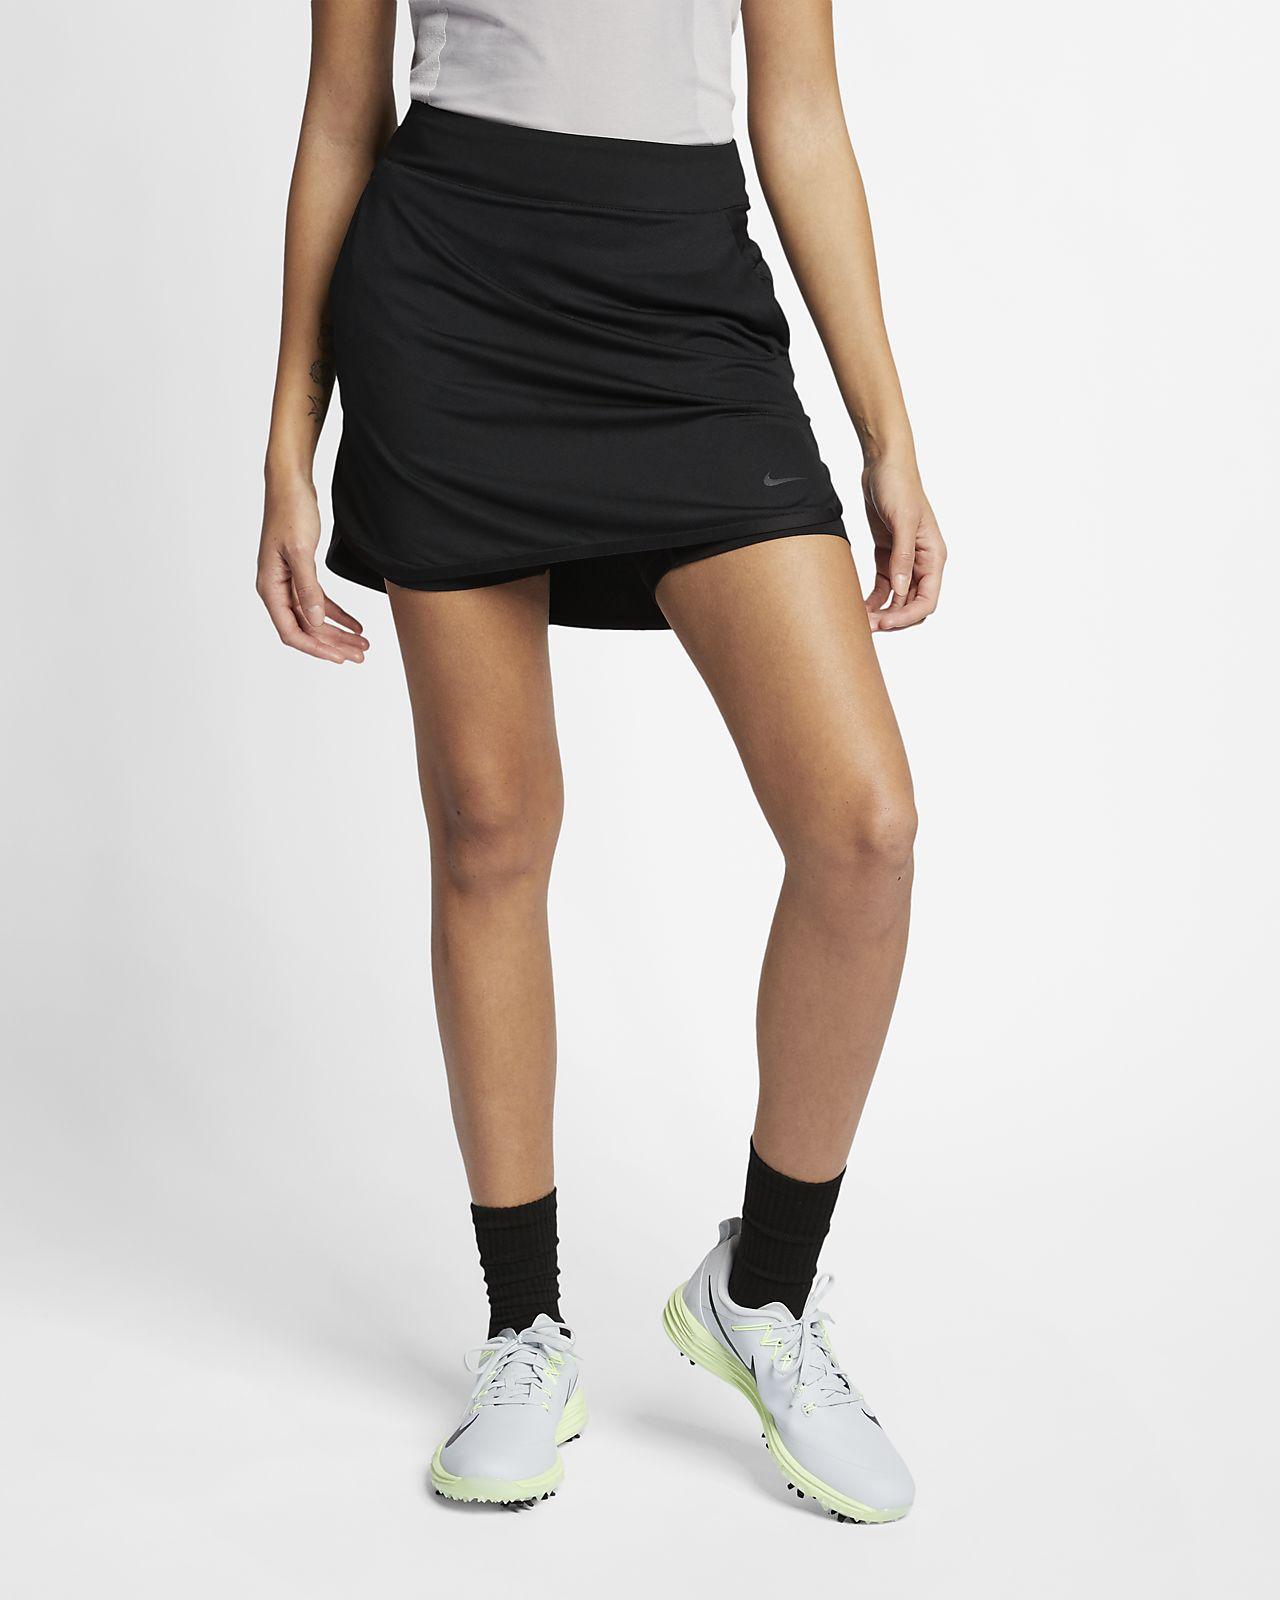 c3277715 Nike Dri-FIT Women's 17